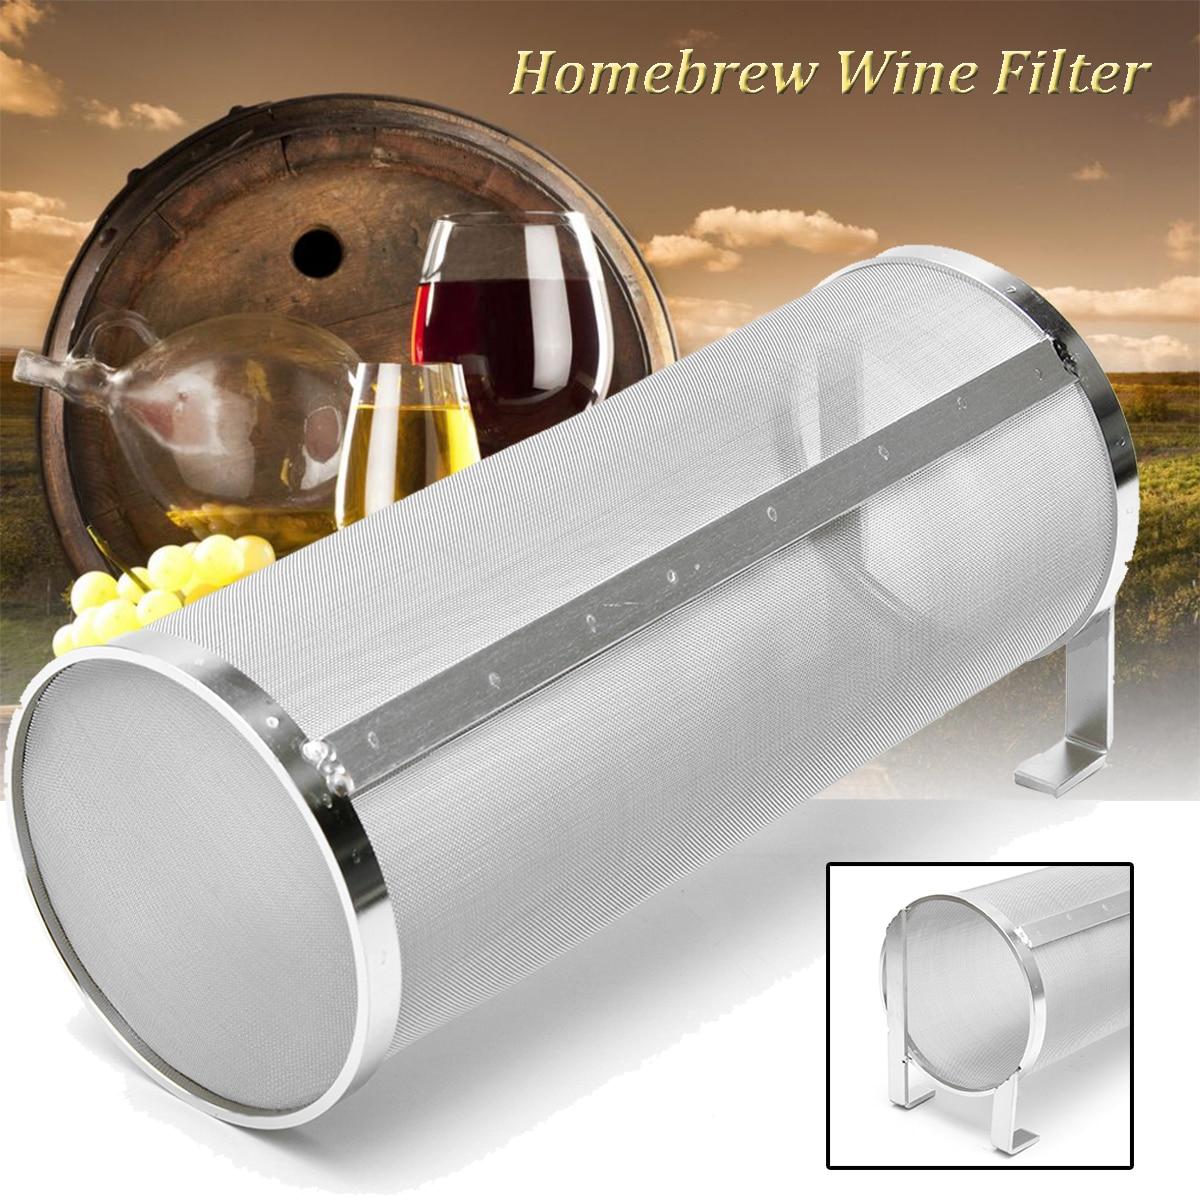 304 Acier Inoxydable Hop Araignée Passoire Home brew Bière Granulés Hop Filtre 100x255mm Réutilisable 400 Micron Filtrage pour Infusion Bouilloire